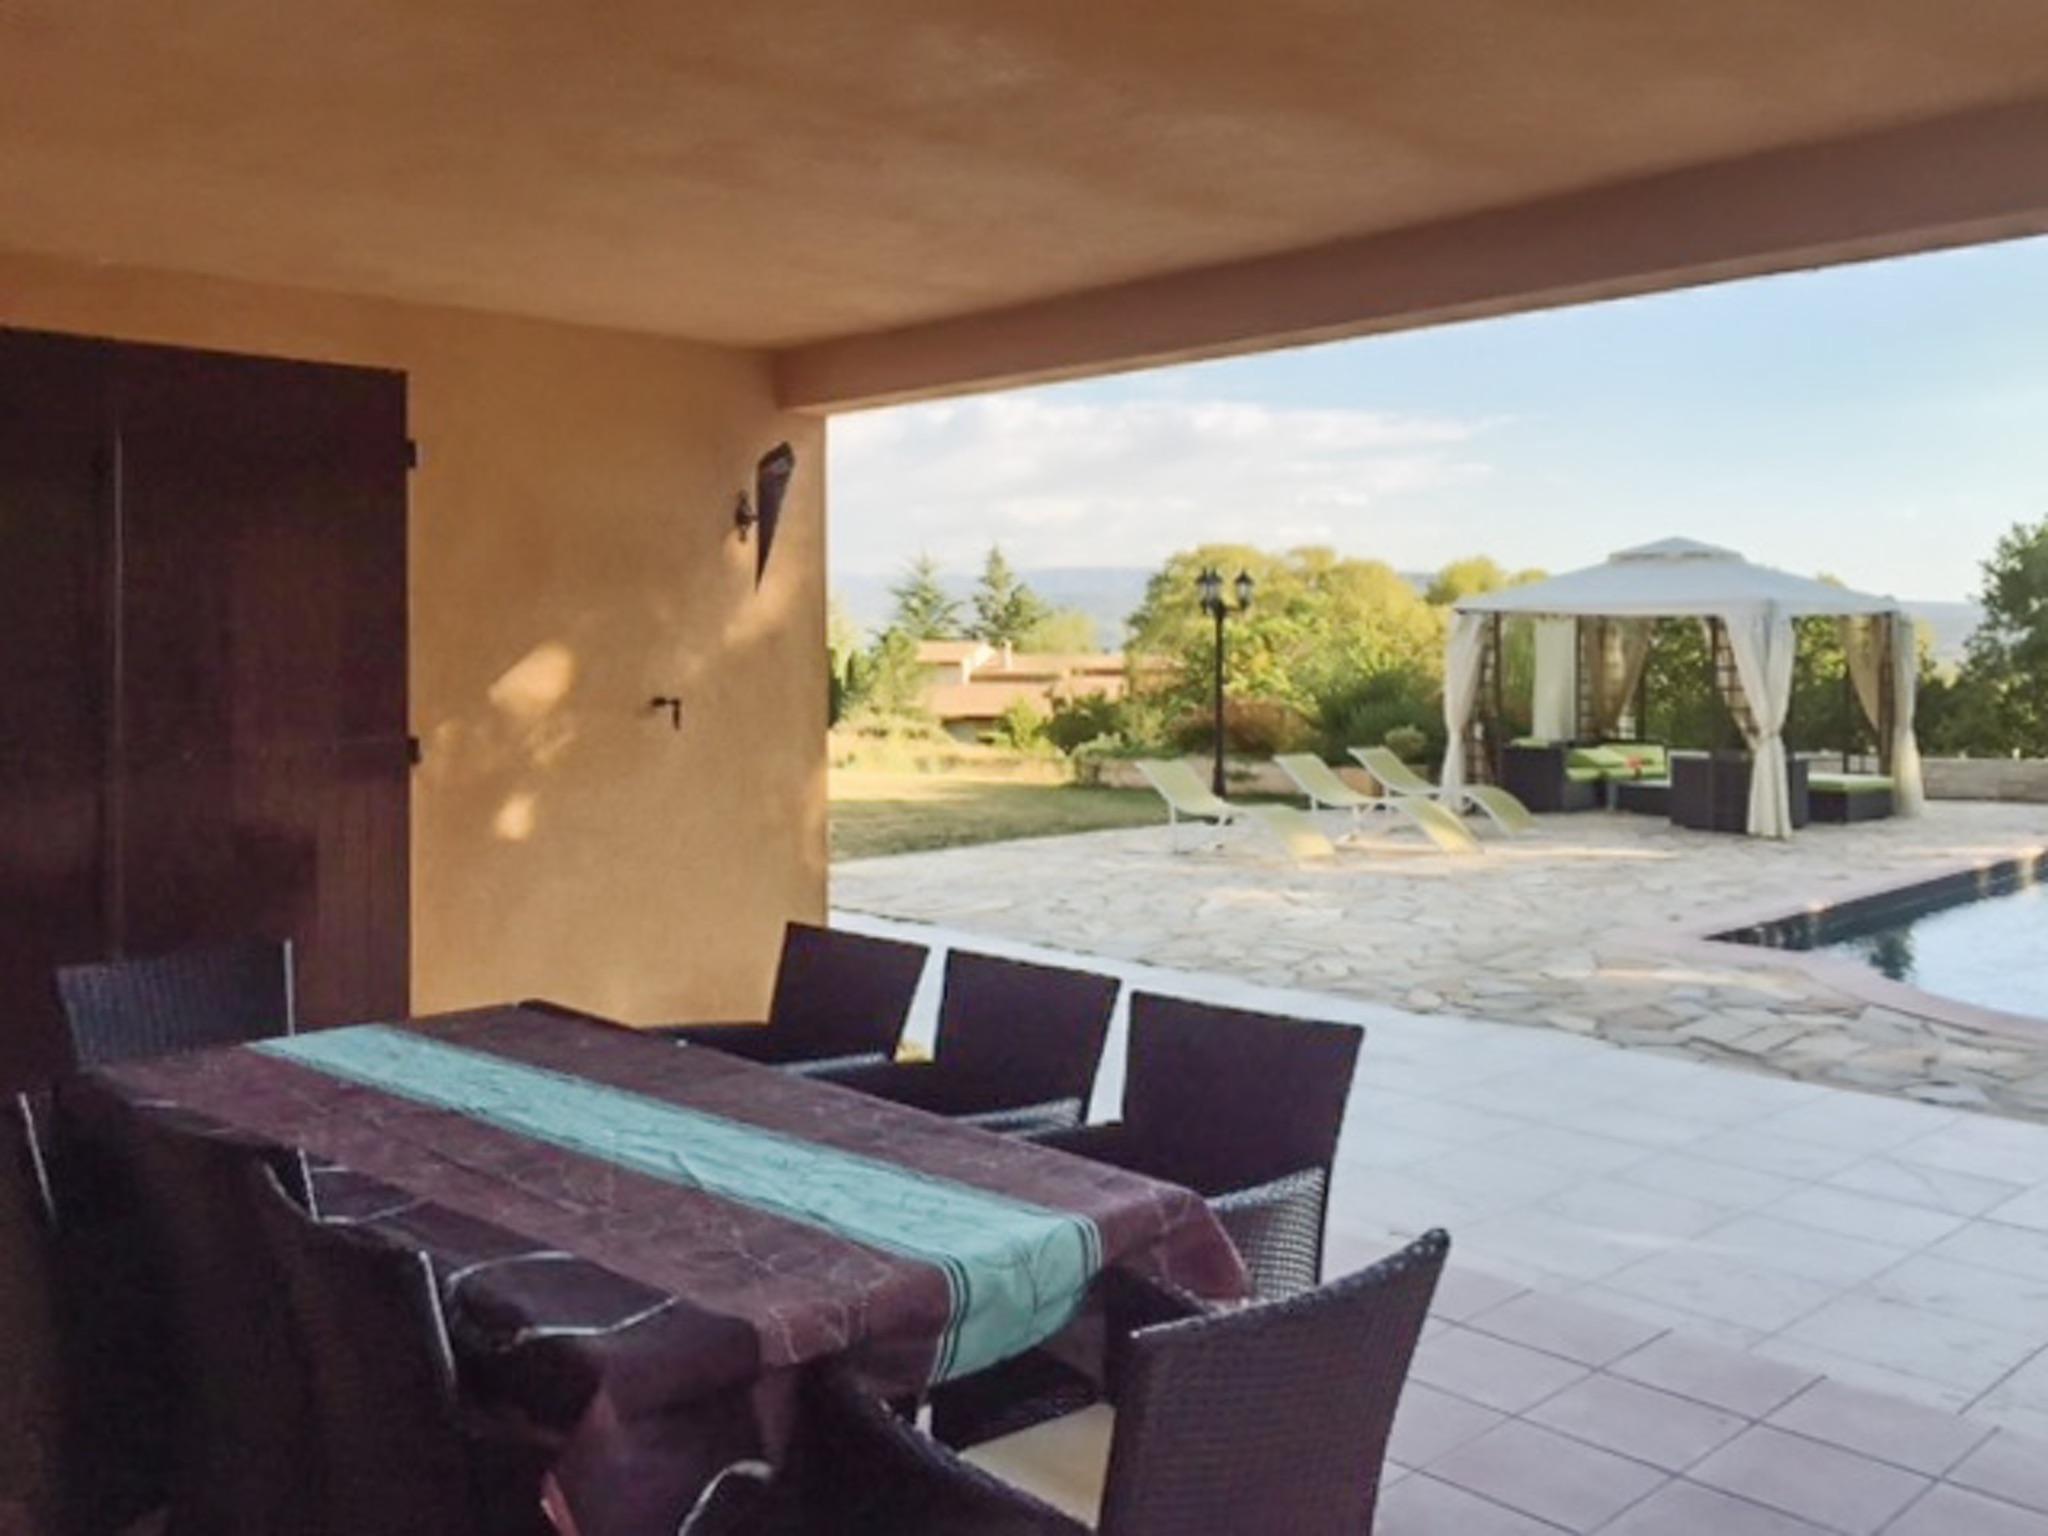 Ferienhaus Haus mit drei Schlafzimmern, Pool, Garten und Terrasse in der Luberon (2201928), Pertuis, Vaucluse, Provence - Alpen - Côte d'Azur, Frankreich, Bild 19